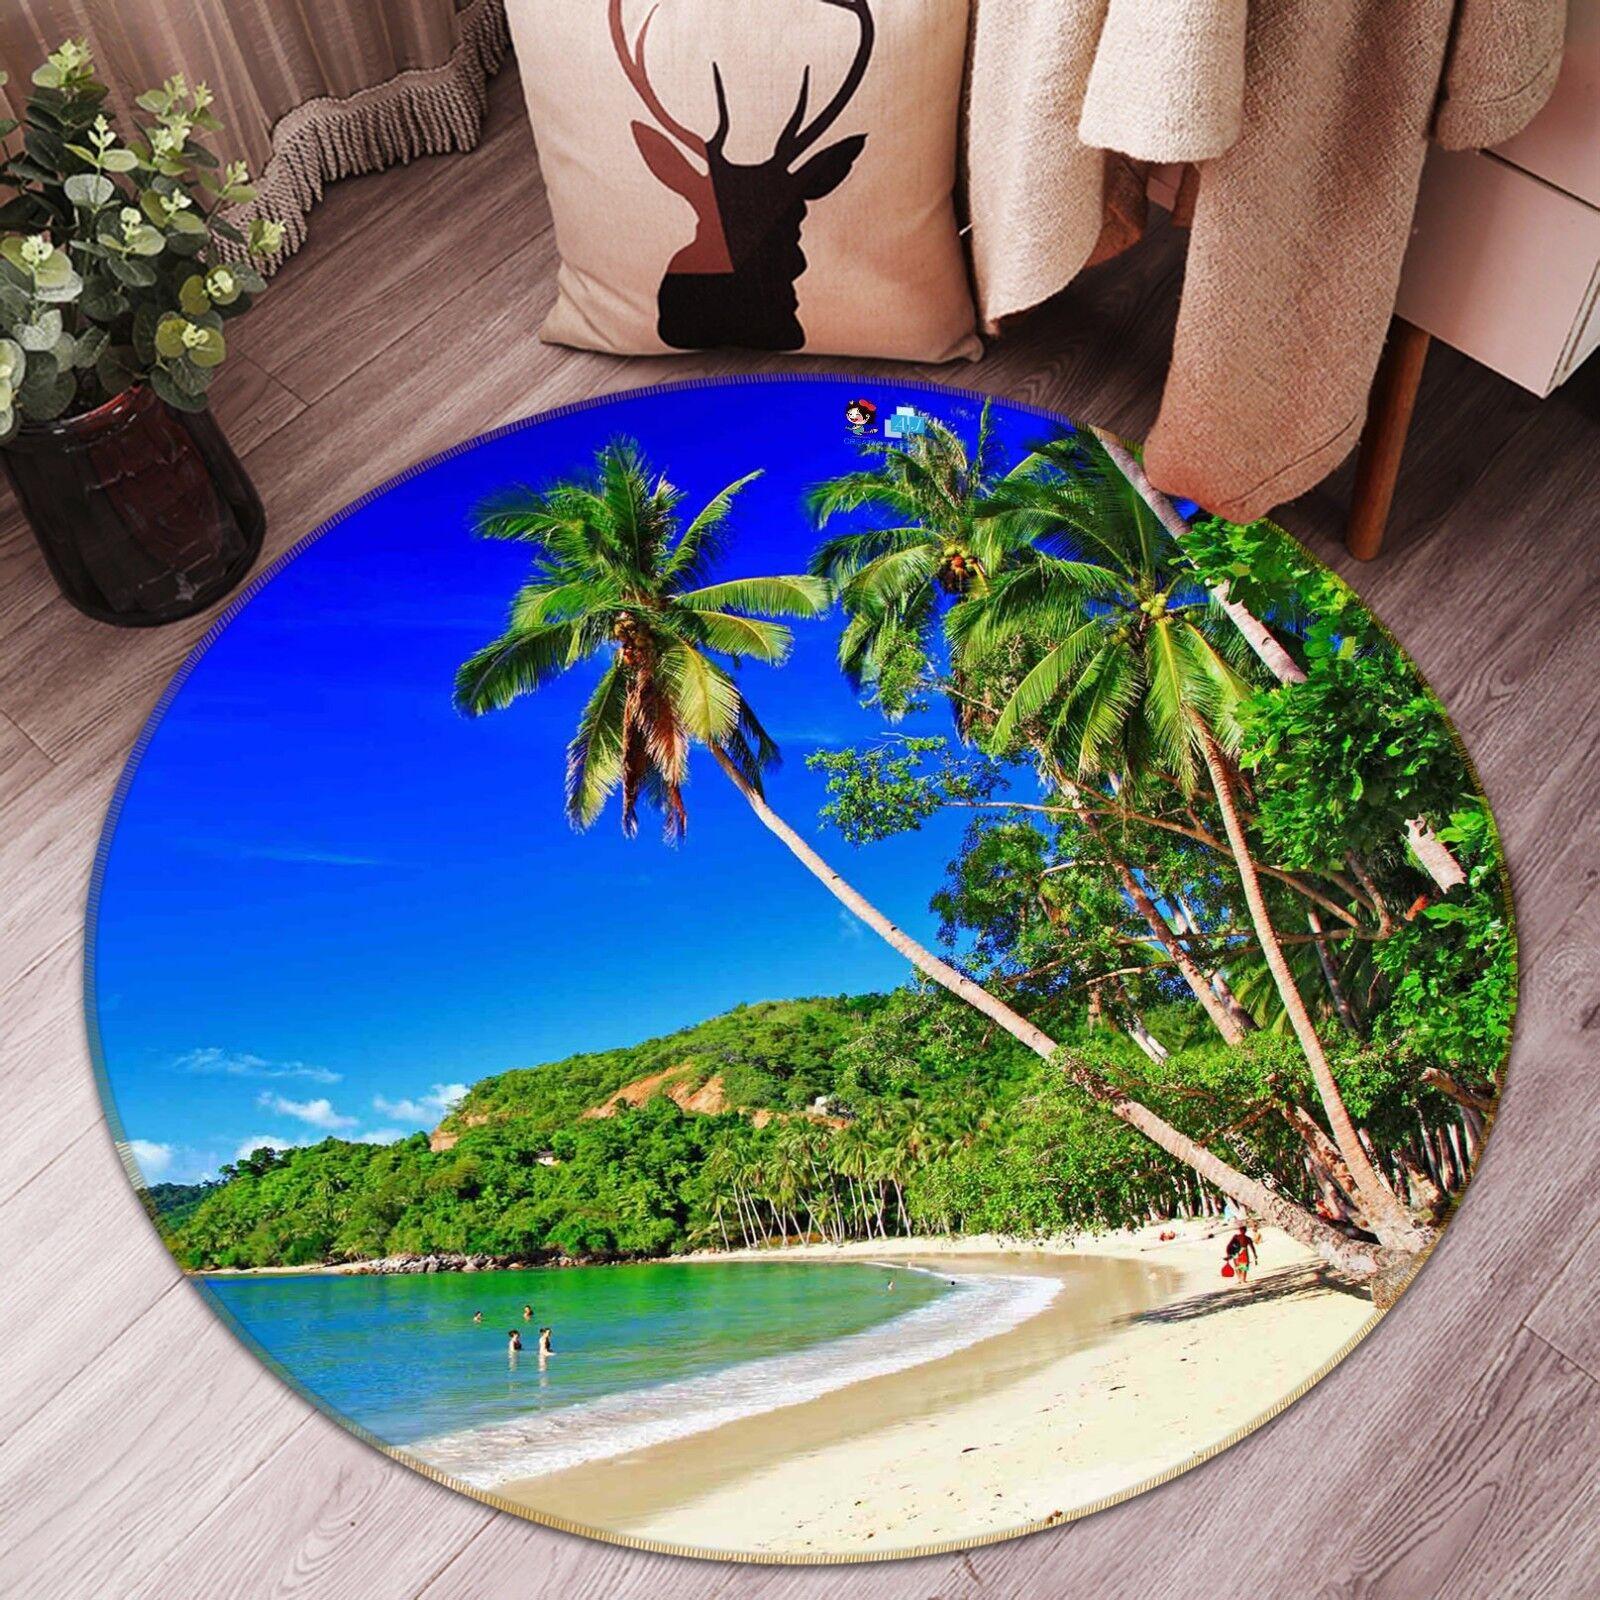 3D Étage Plage Palm 1033 Étage 3D Antidérapant Natte Rond Élégant Tapis FR Summer 0c636d